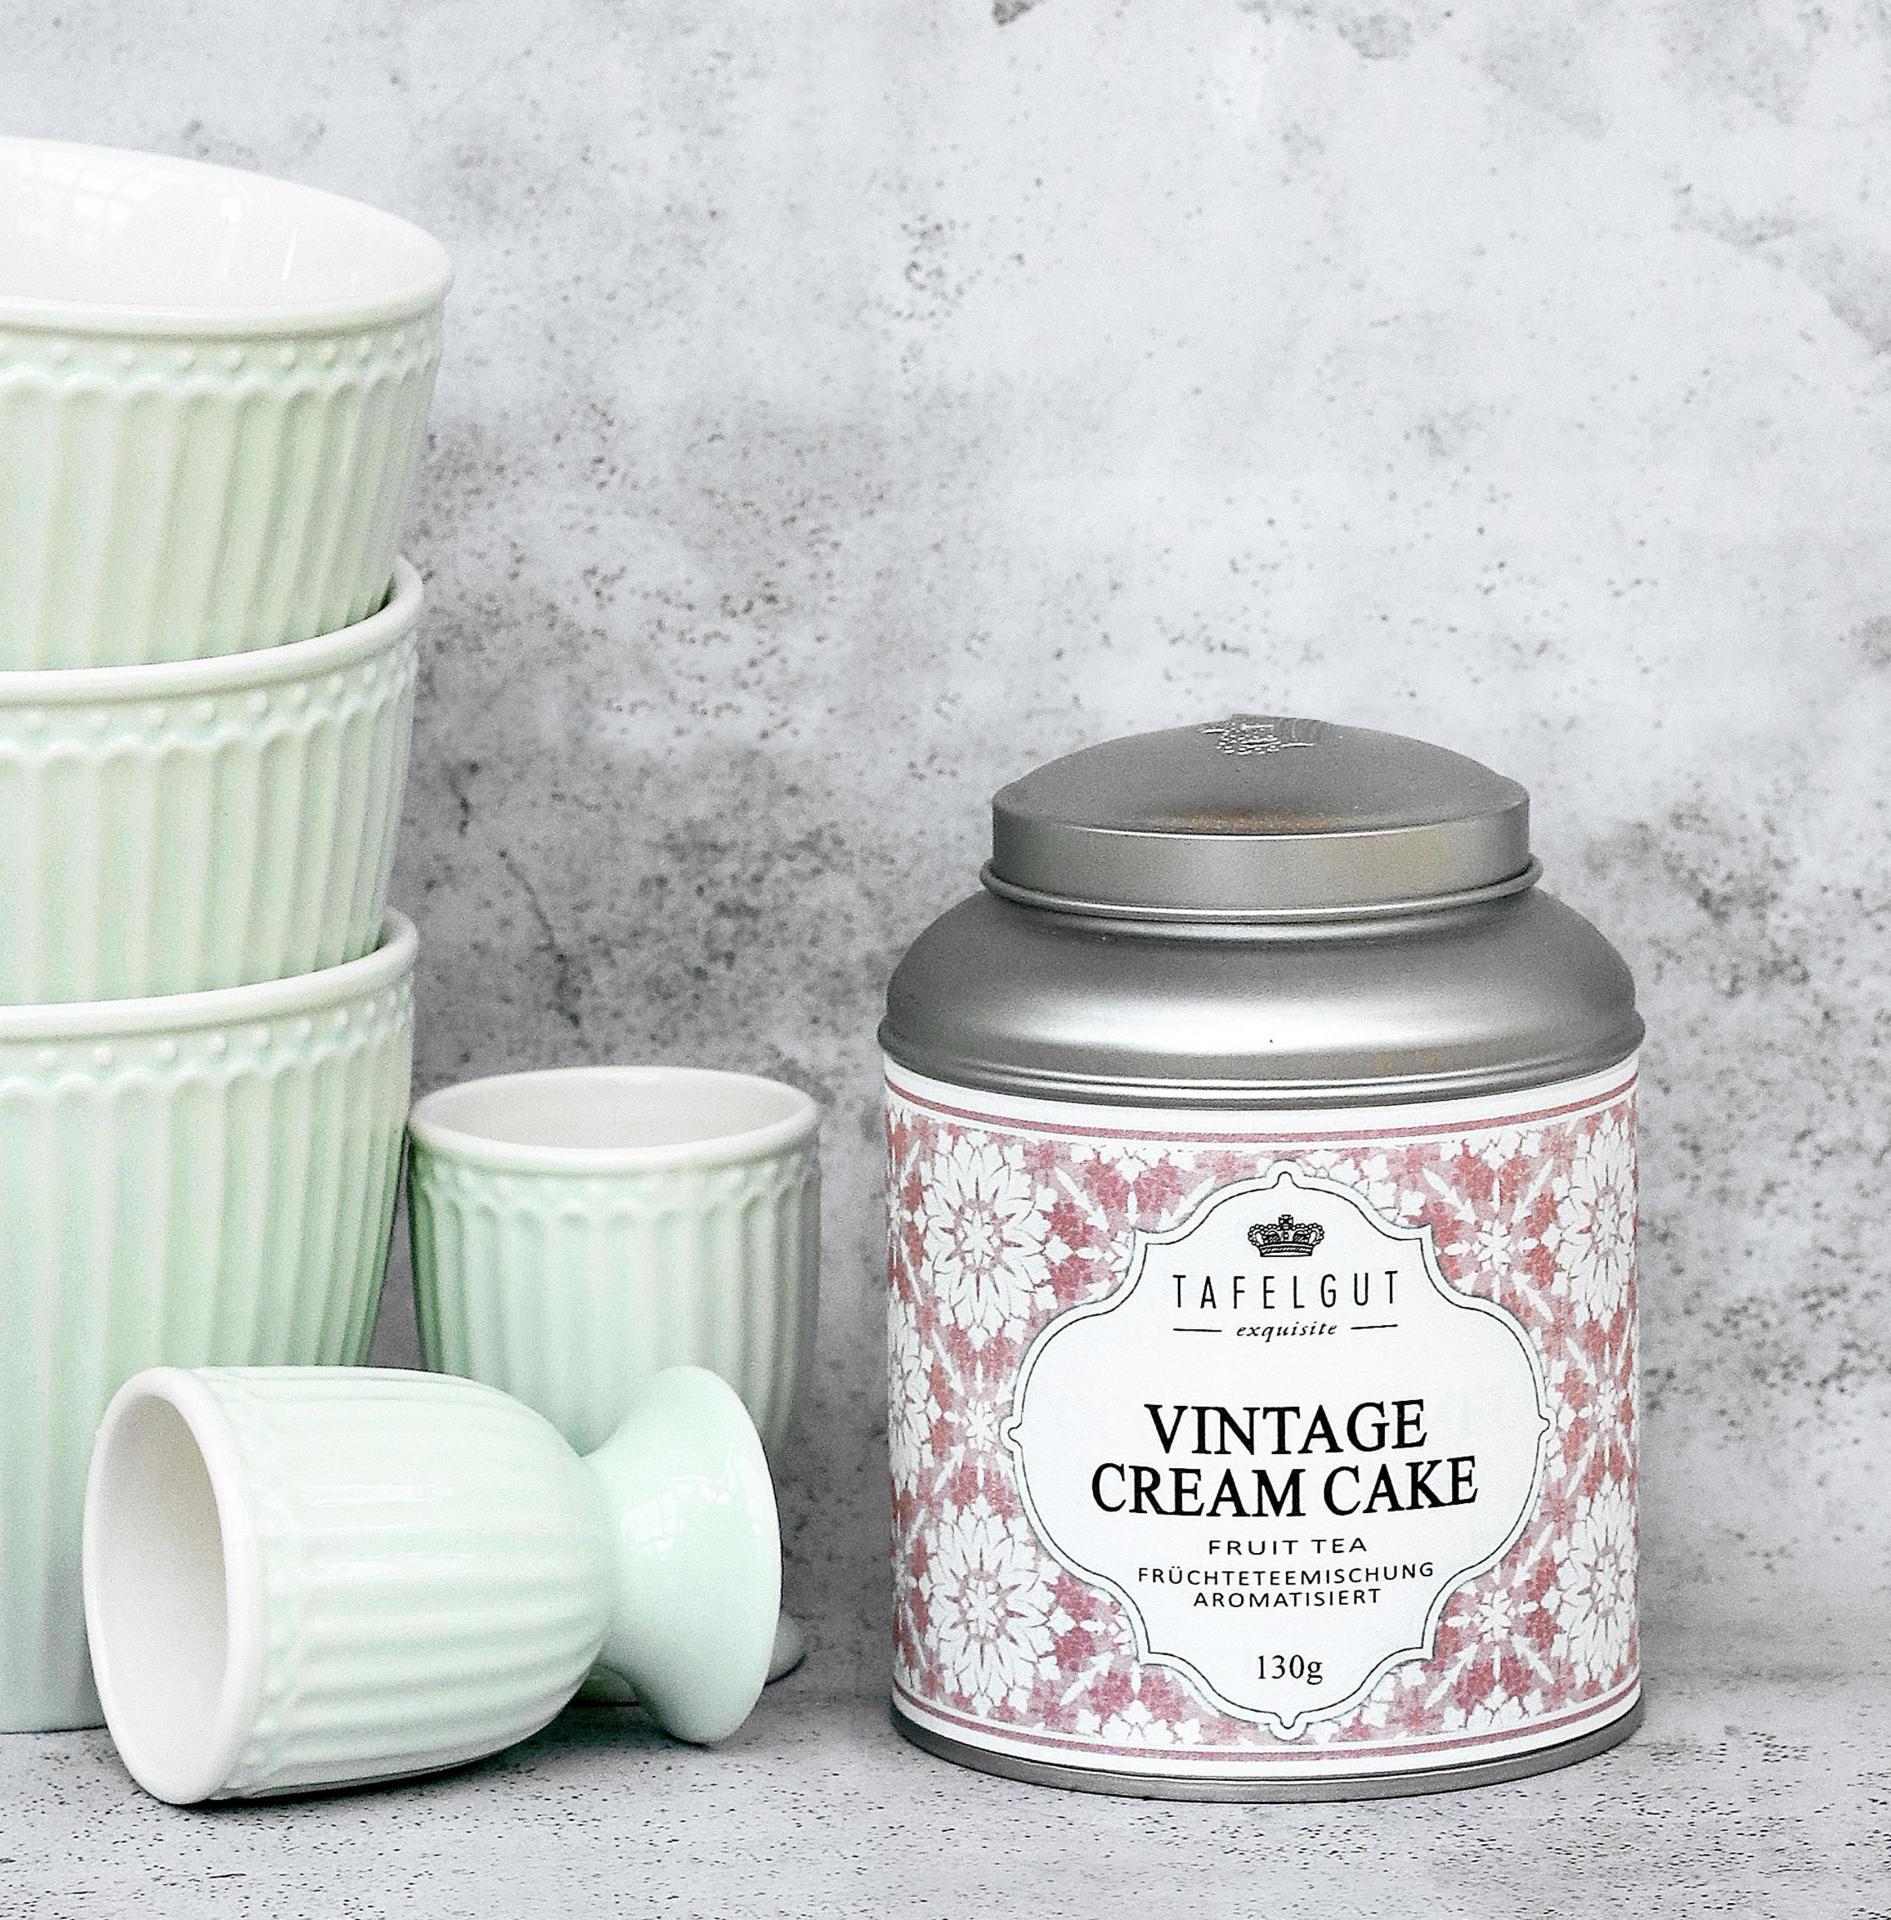 TAFELGUT Ovocný čaj Vintage Cream Cake - 130gr, růžová barva, kov